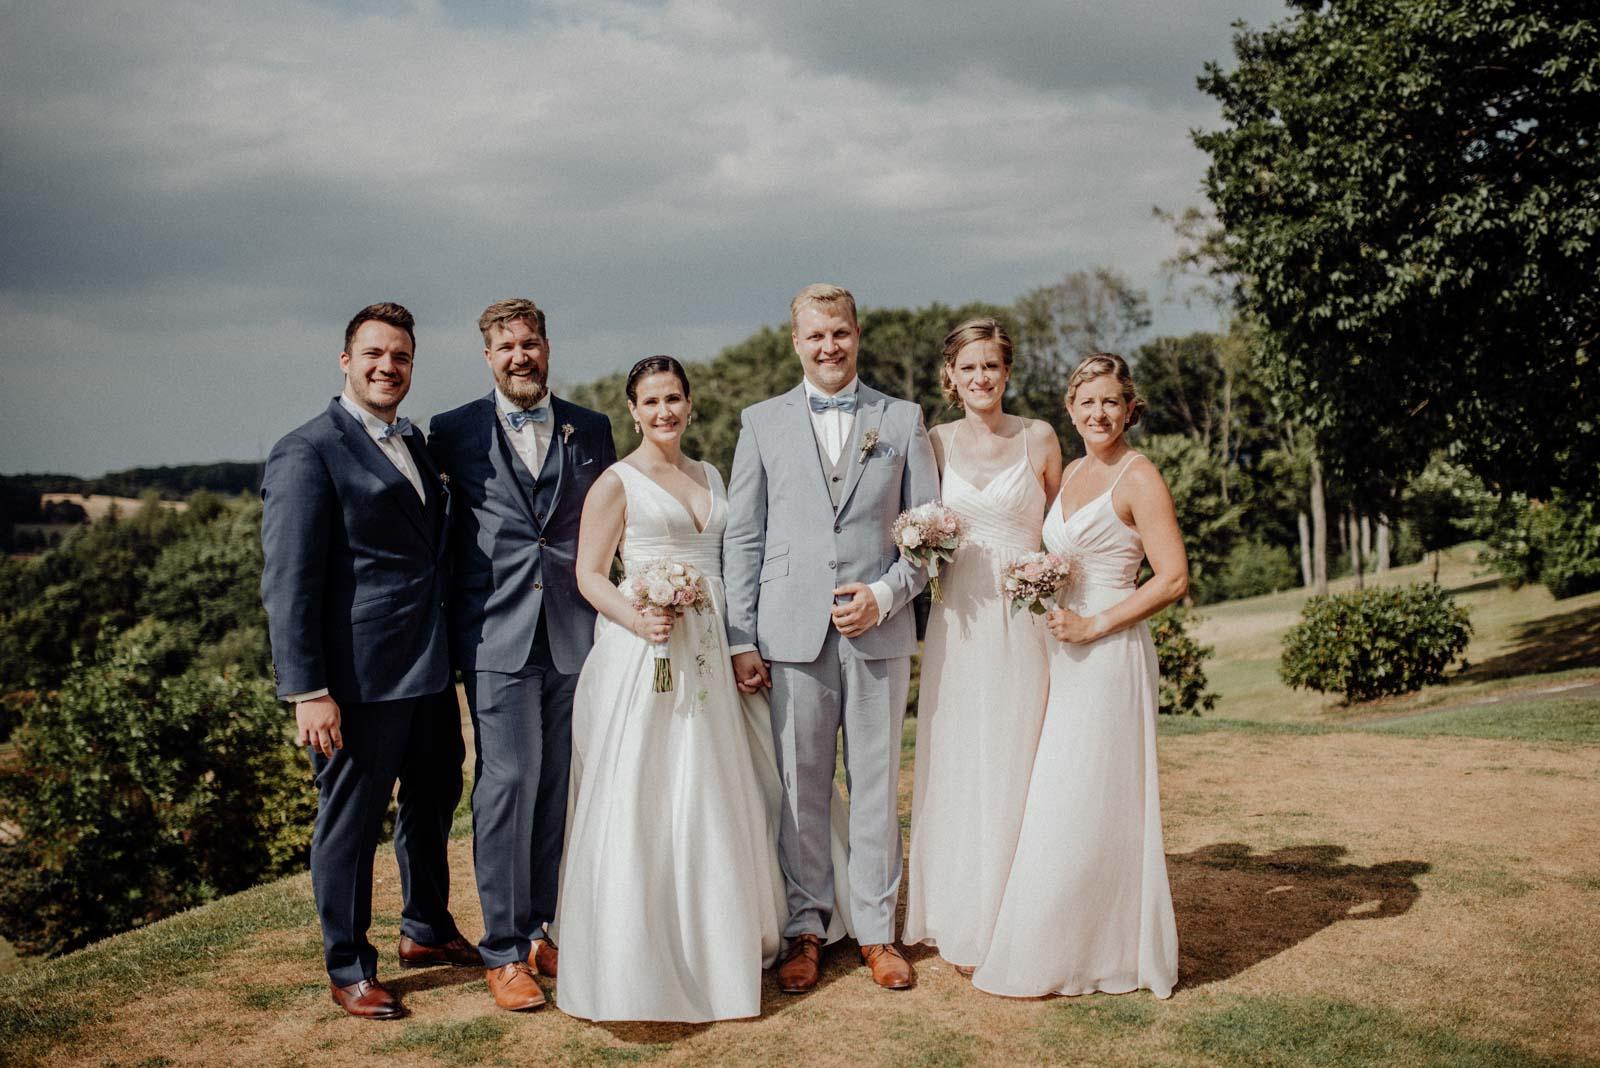 Fotos mit Trauzeugen und Brautjungern